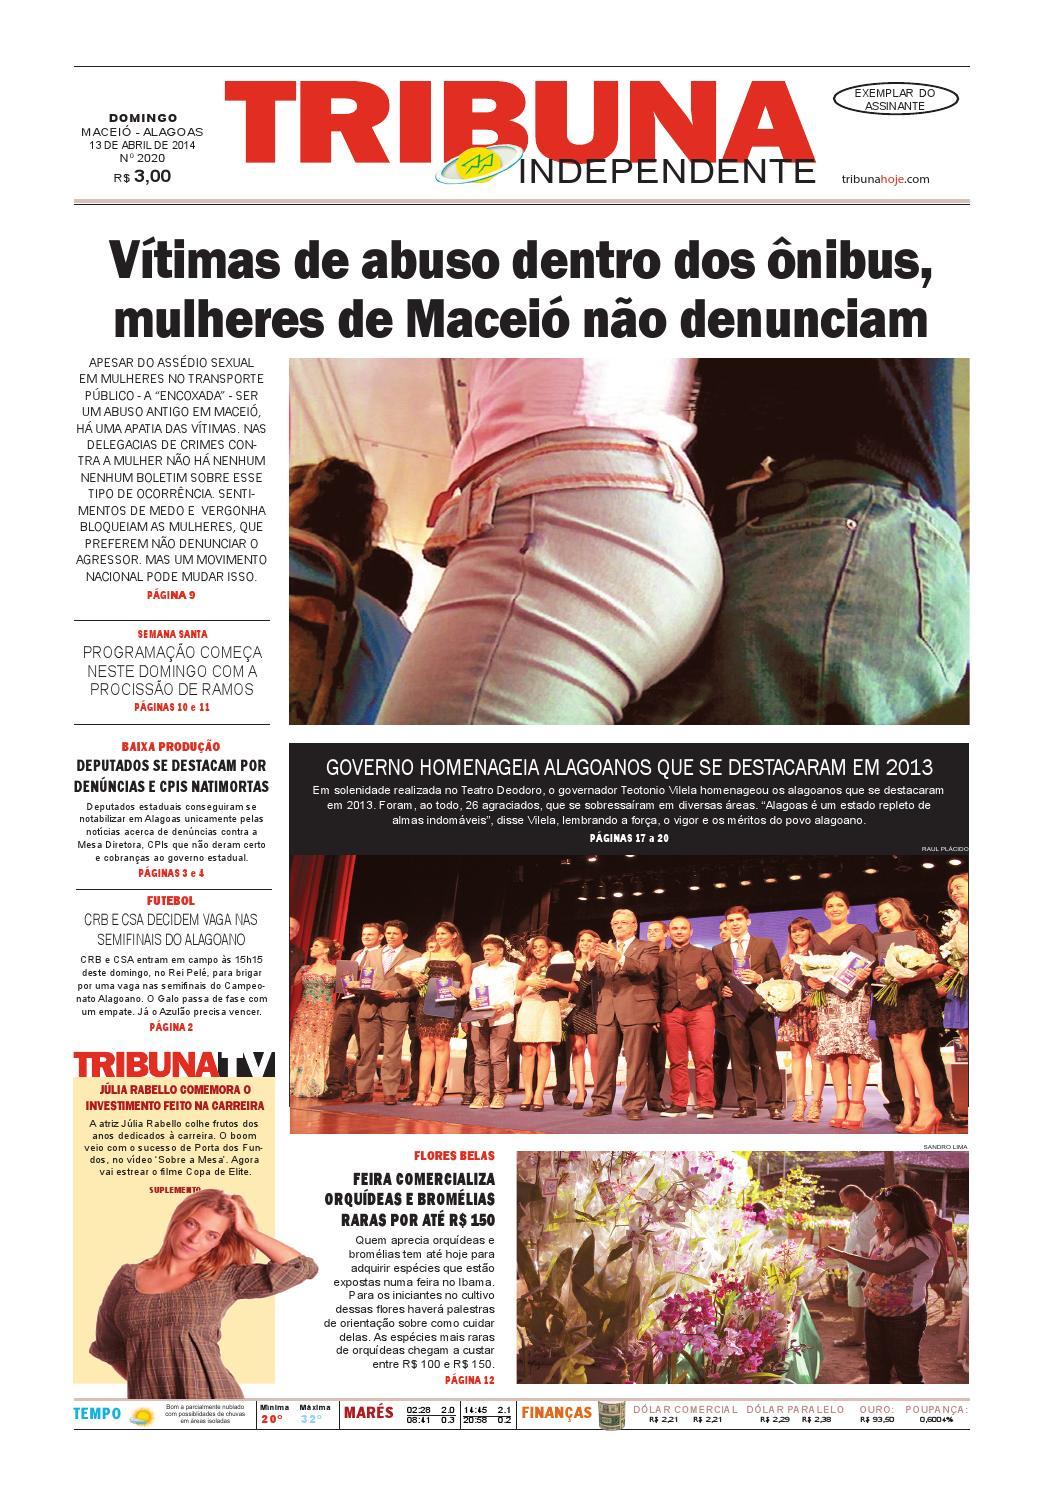 56e2a08ade7c9 Edição número 2020 - 13 de abril de 2014 by Tribuna Hoje - issuu